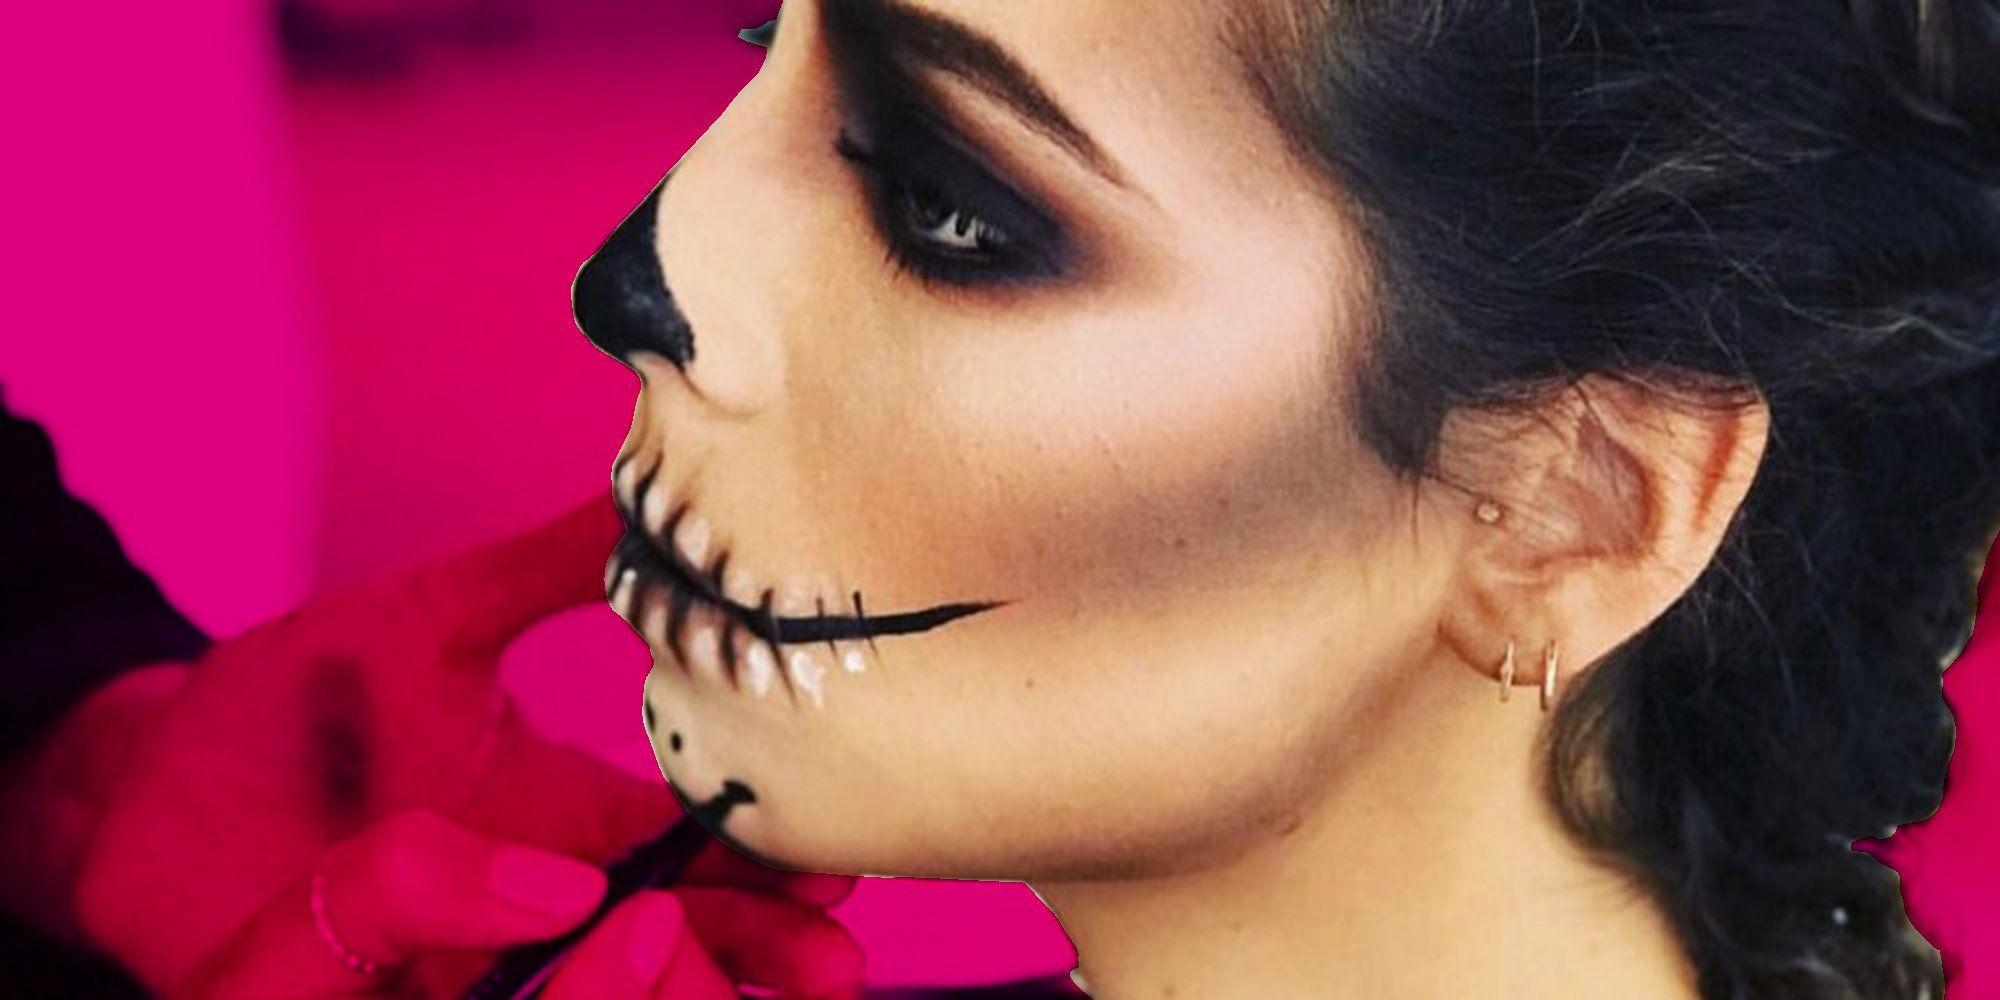 Les conseils d'une makeup artist pour réussir son